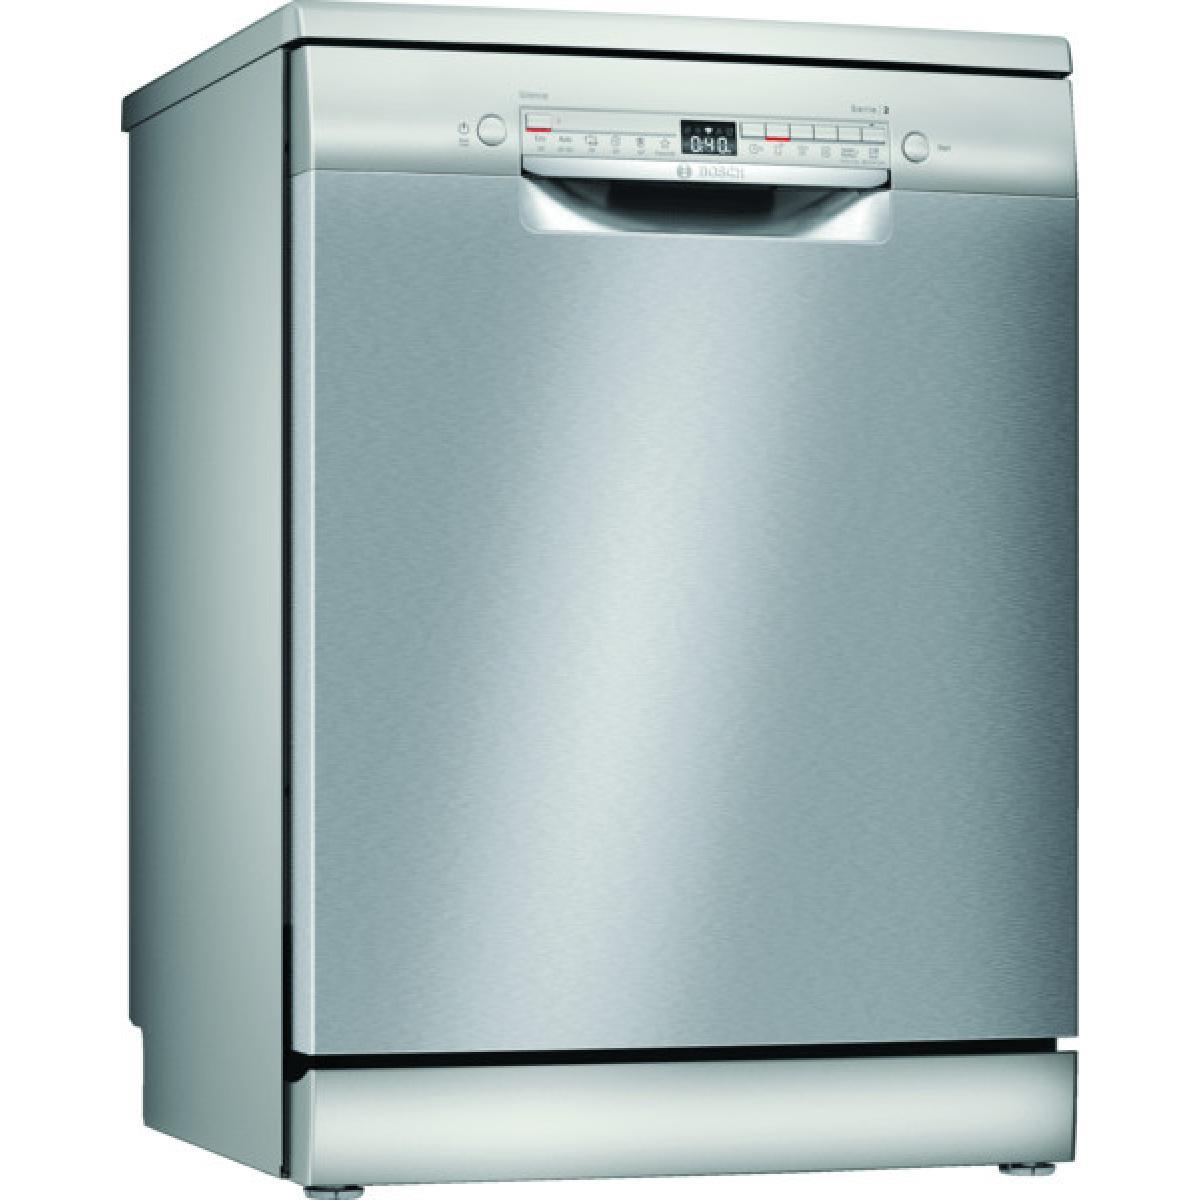 Bosch Lave-vaisselle pose libre BOSCH 12 Couverts 60cm E, SMS2HTI72E